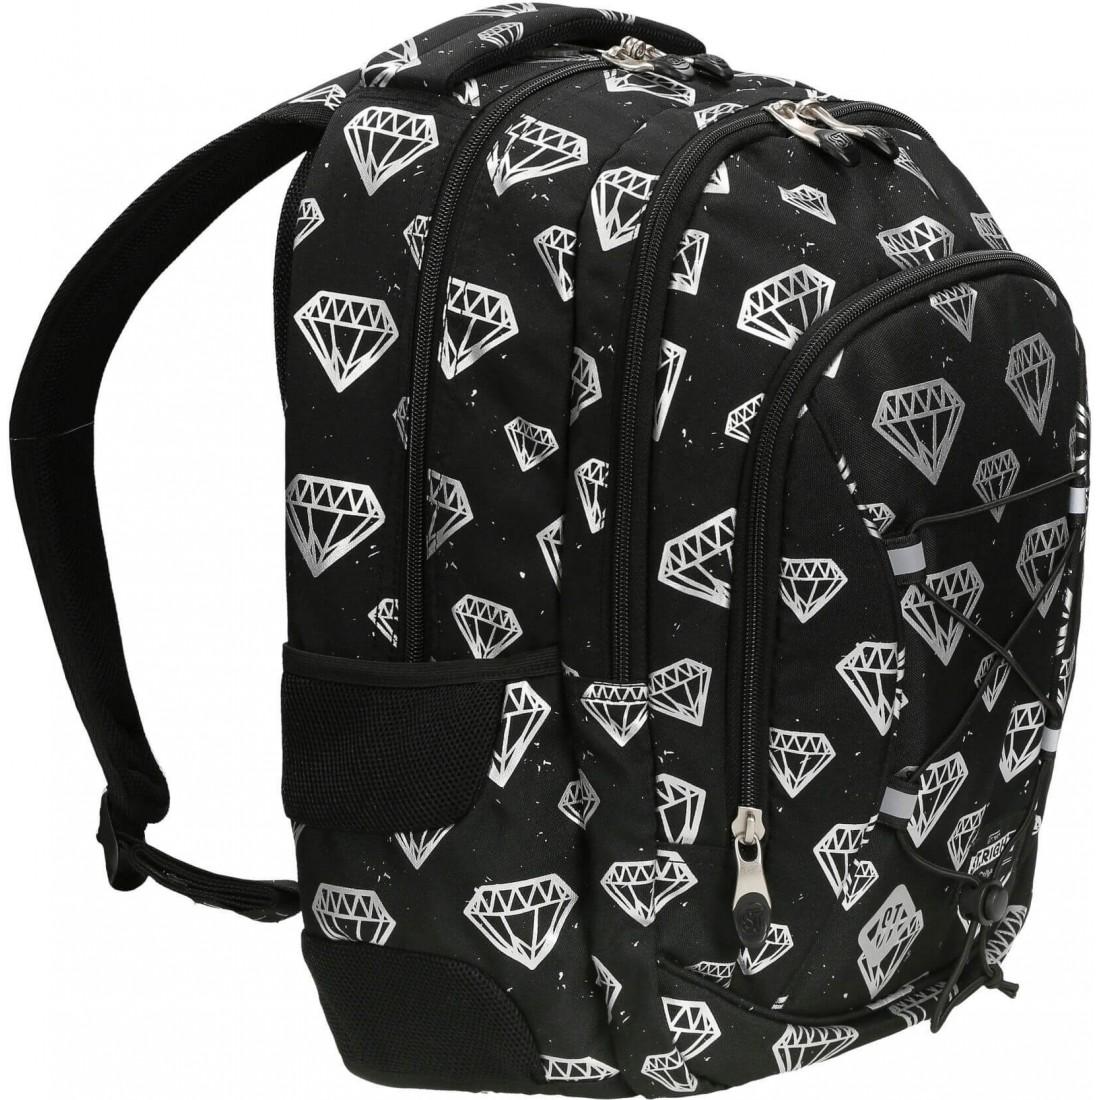 Plecak szkolny ST.RIGHT DIAMONDS czarny z diamentami BP32